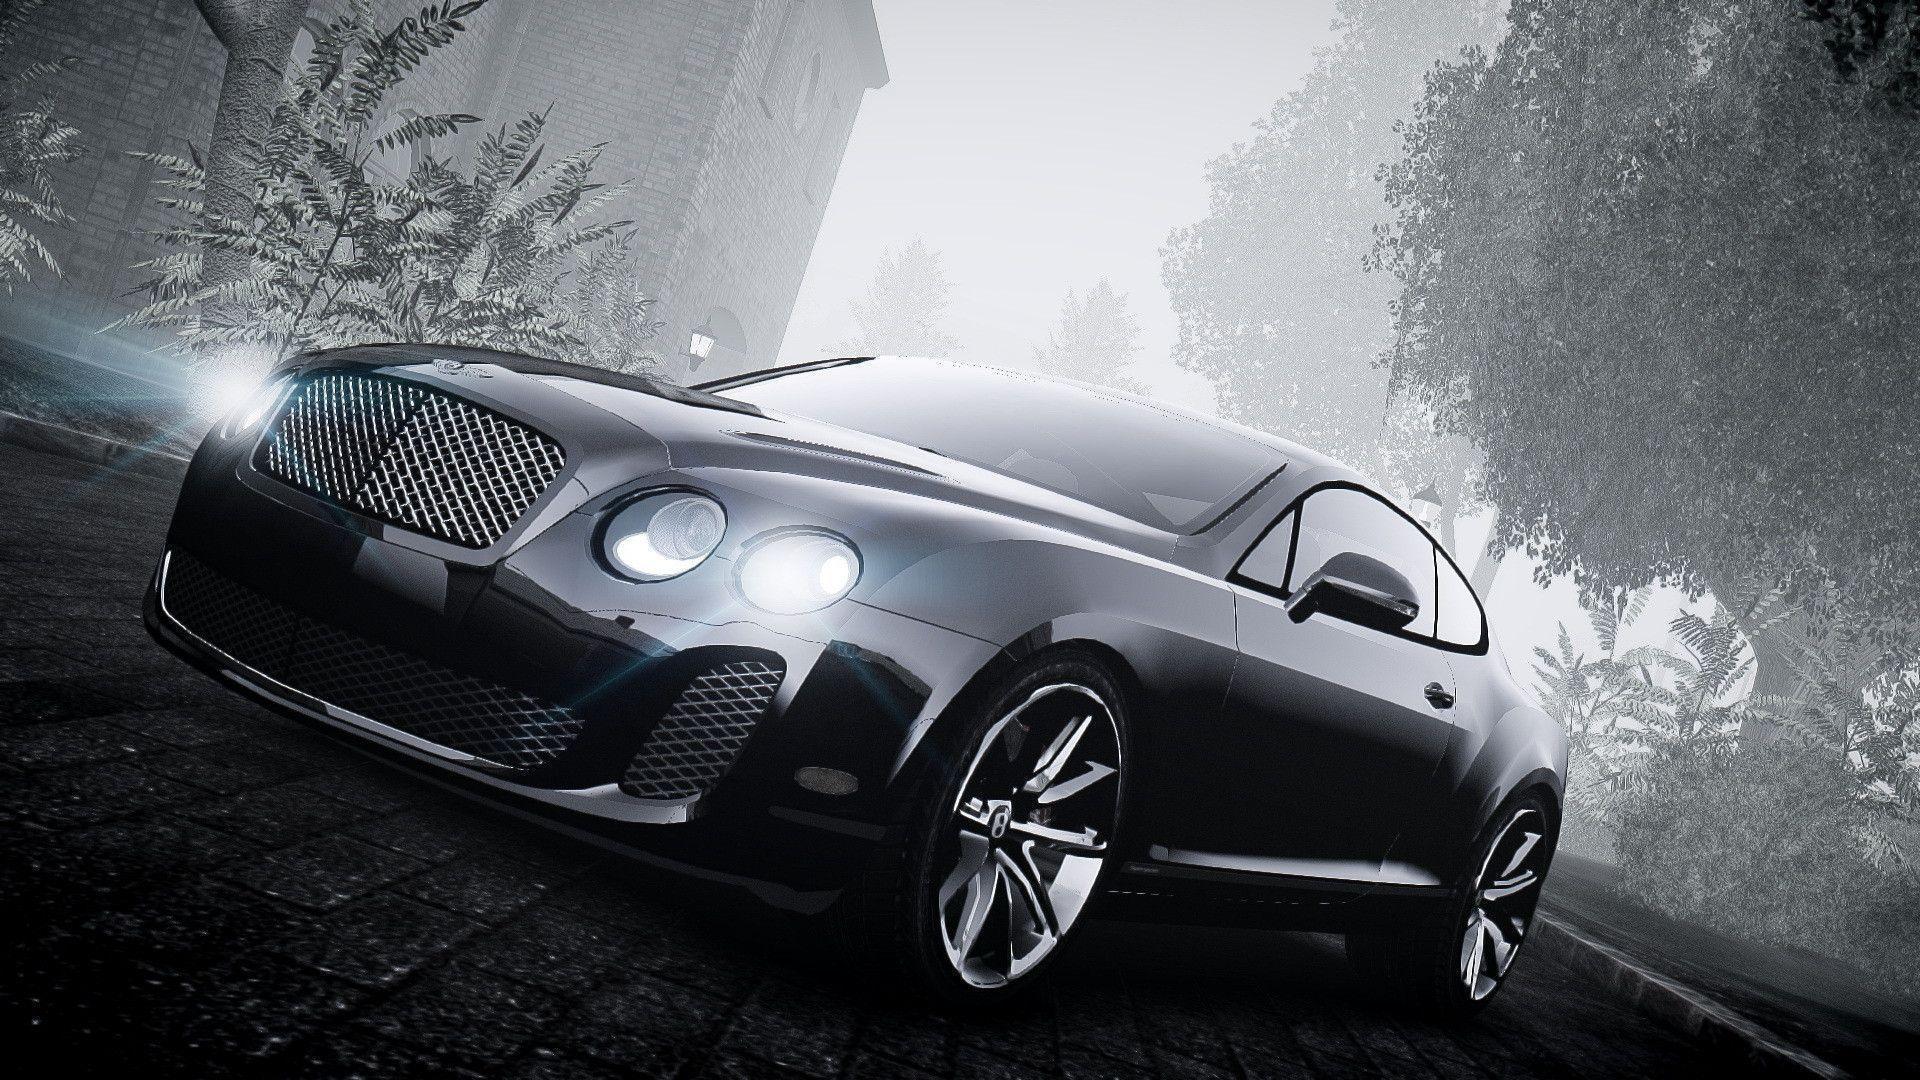 Bentley Cars Wallpapers - Top Free